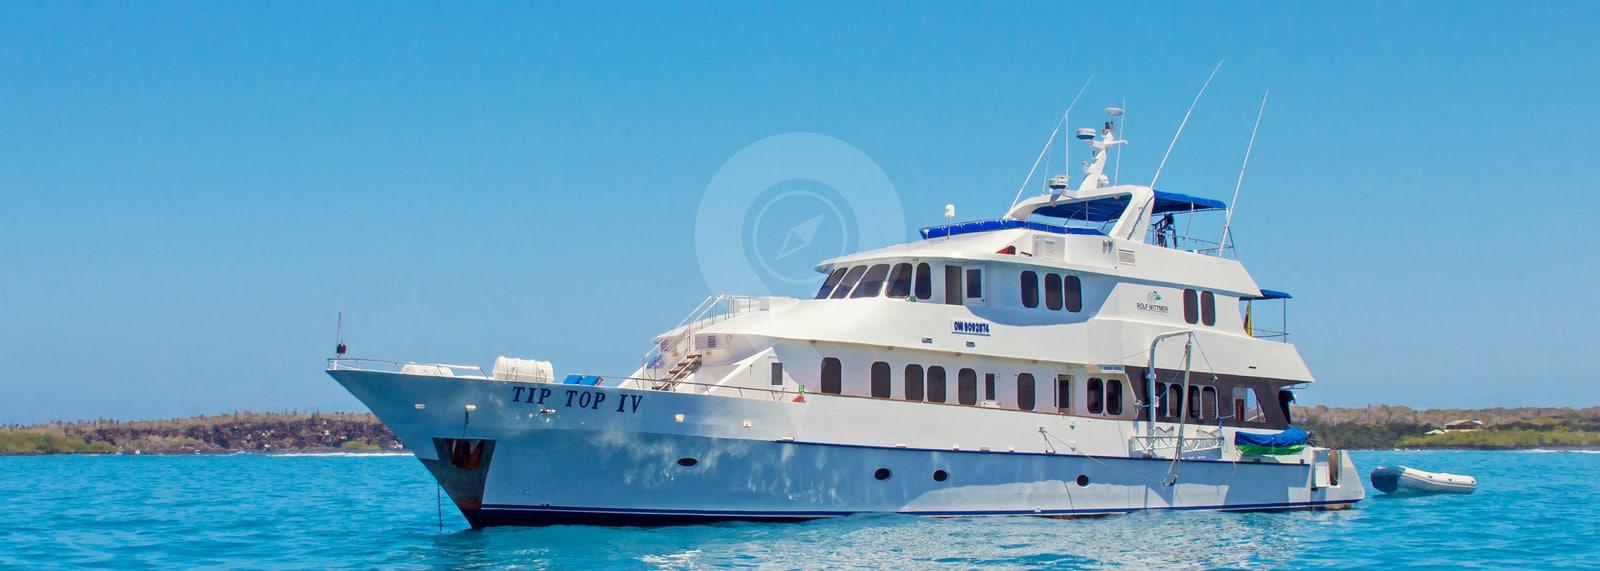 Tip Top 4 Galapagos Yacht